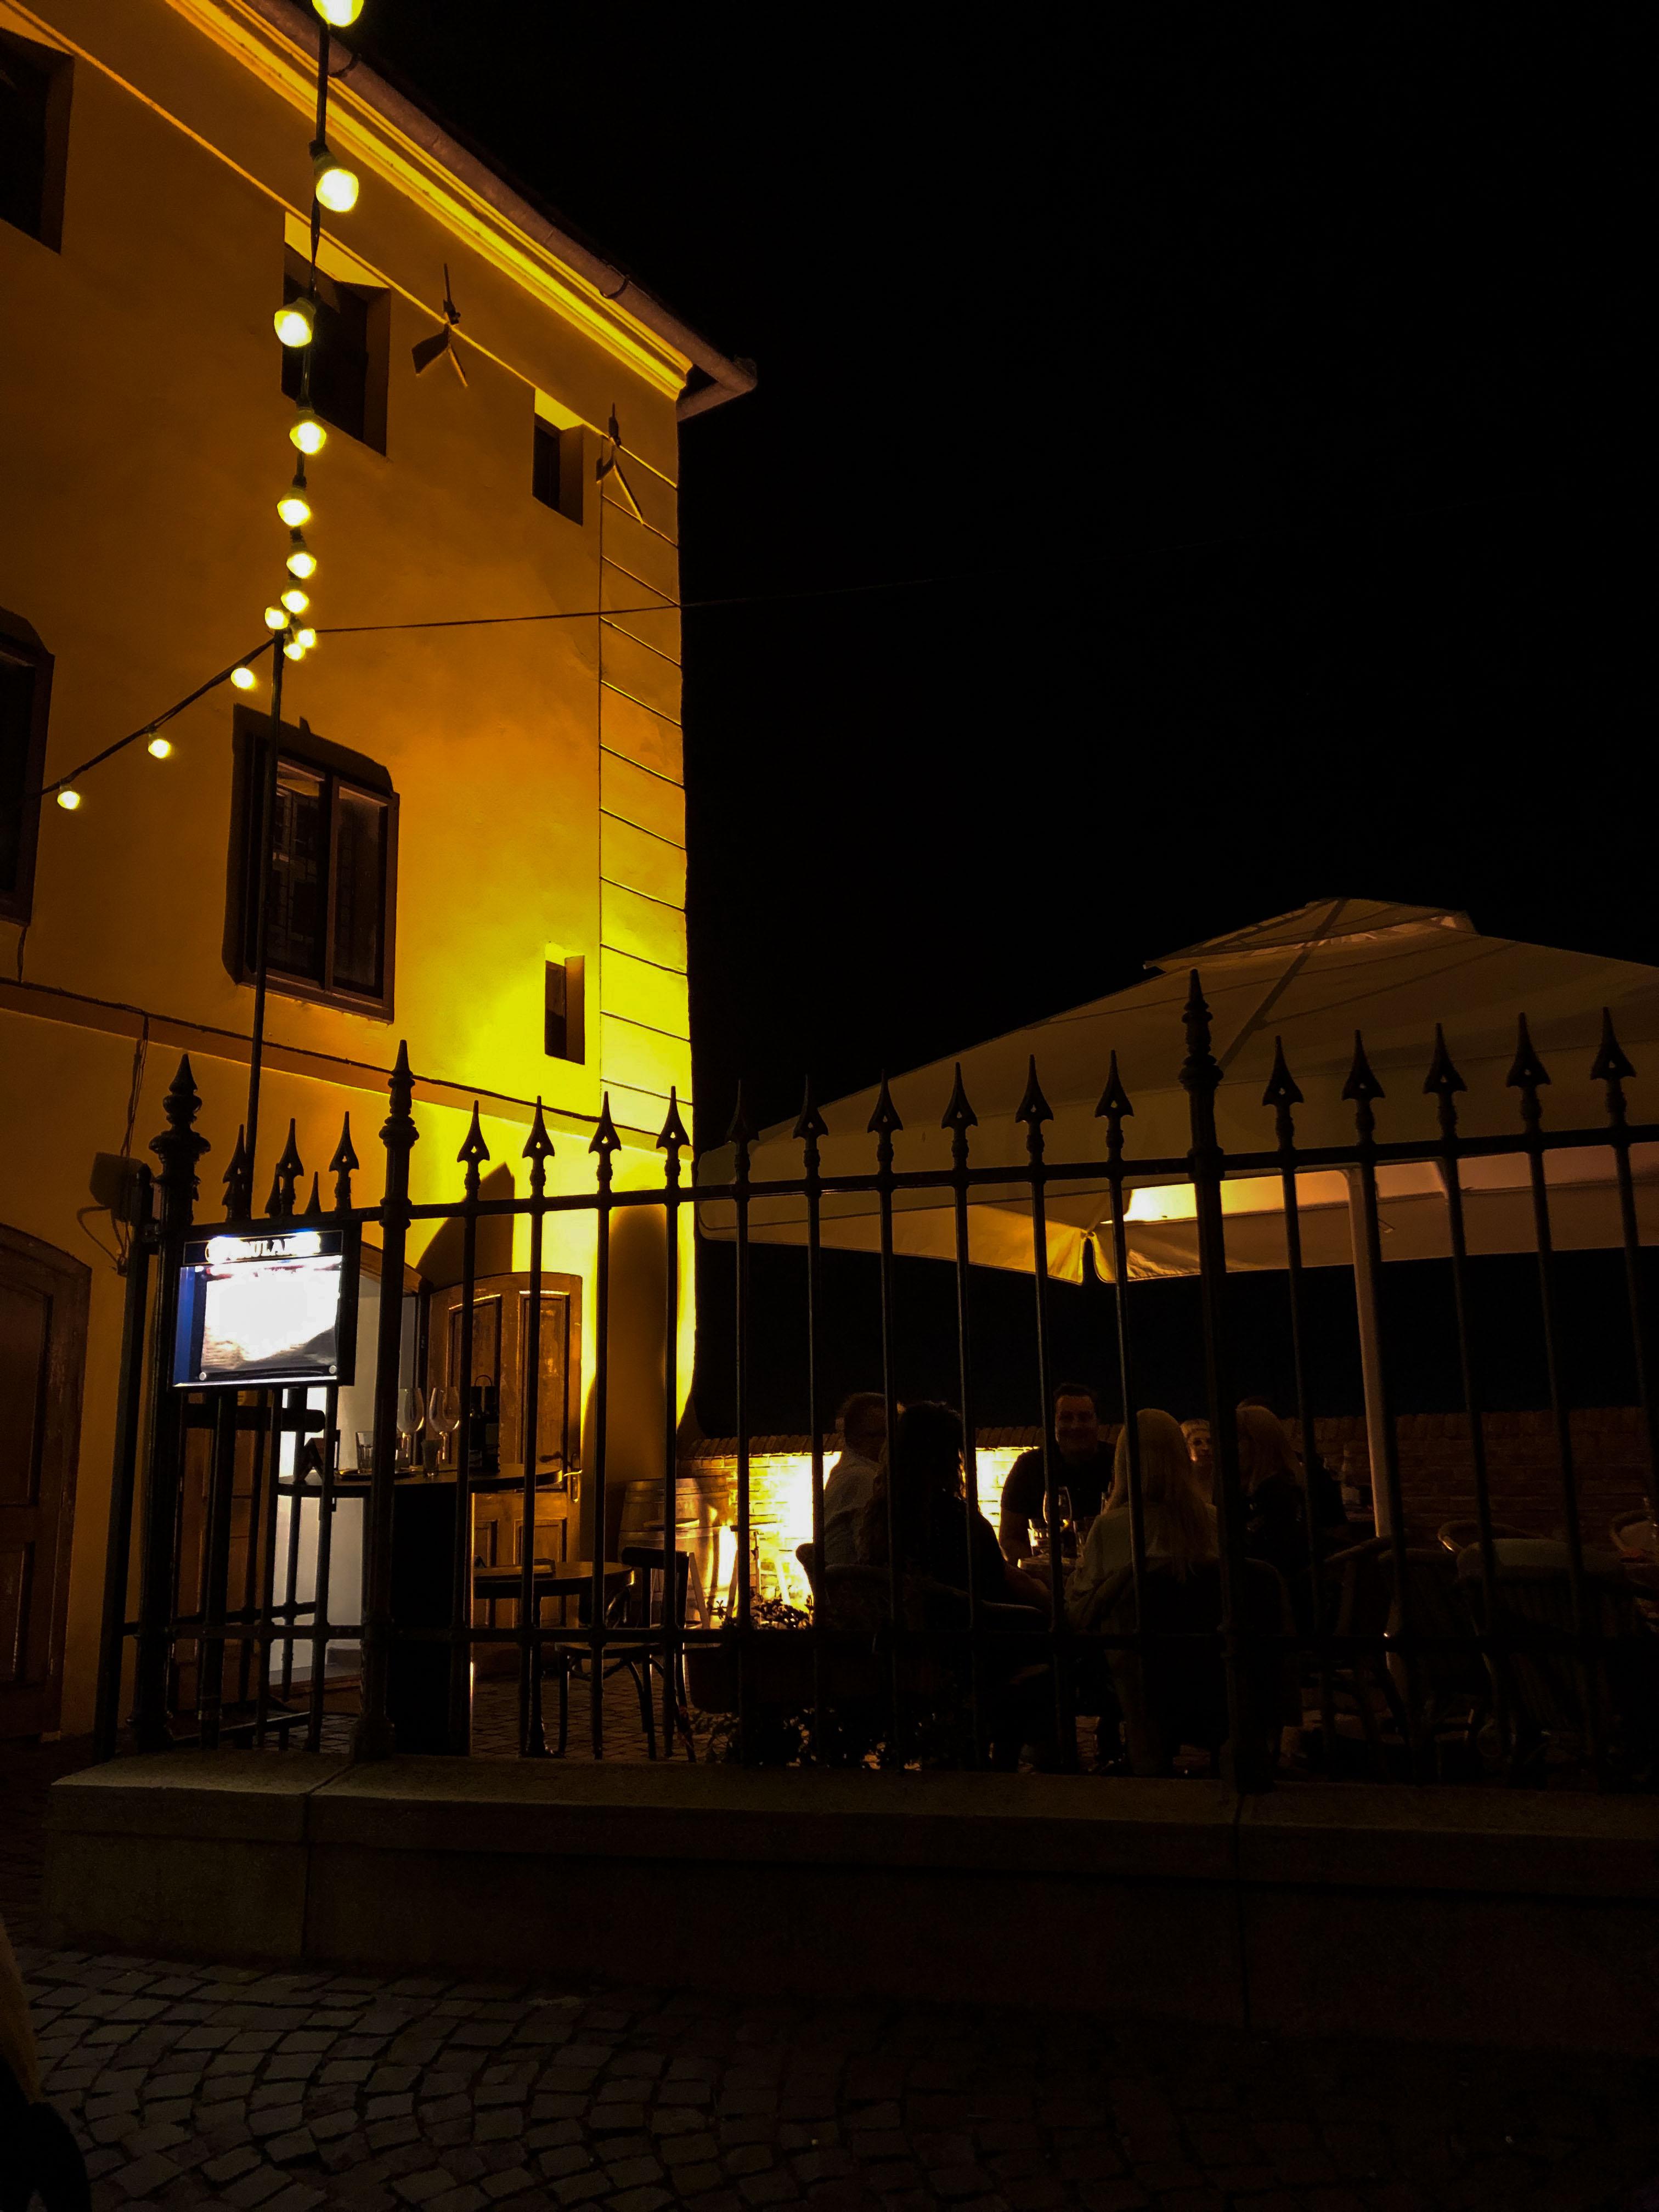 Restaurant Tipps Hermannstadt Sibiu Rumänien Insider Tipps Cafe Wien Reiseblog 1